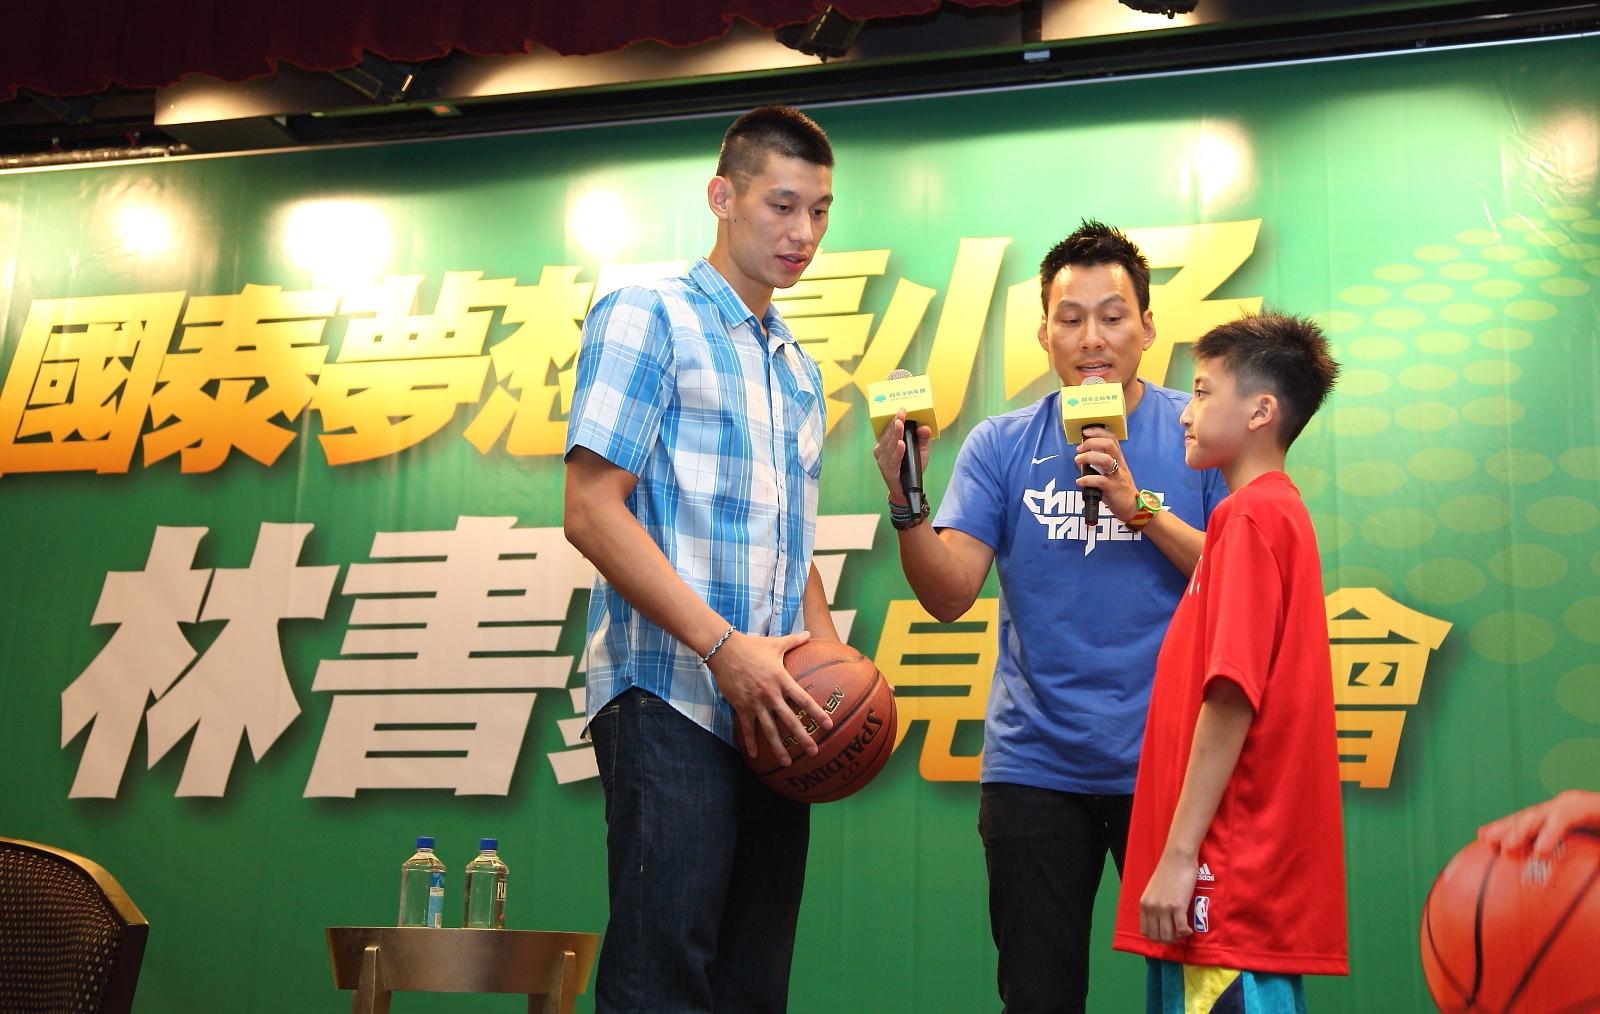 林書豪現場巧遇去年參與訓練營小球員 傳授帶球過人的絕技!